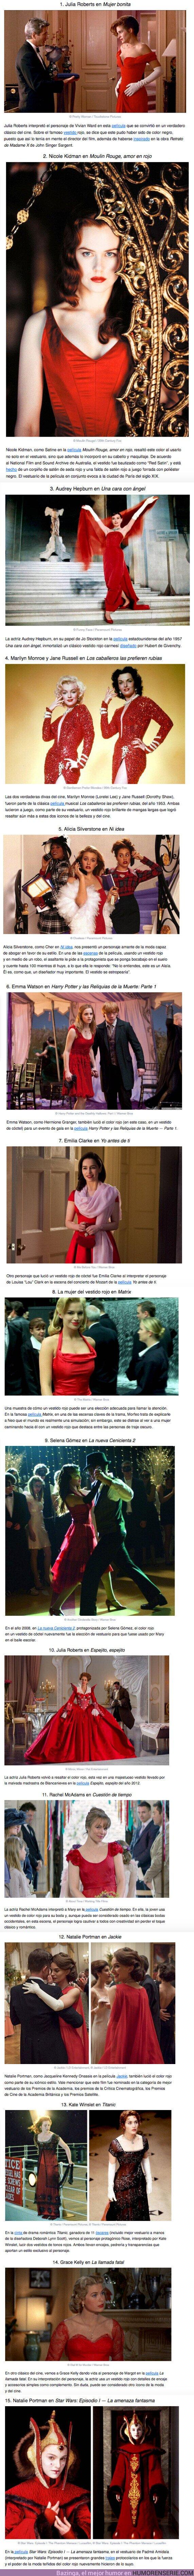 52837 - GALERÍA: Los 15 vestidos más icónicos de la historia del cine